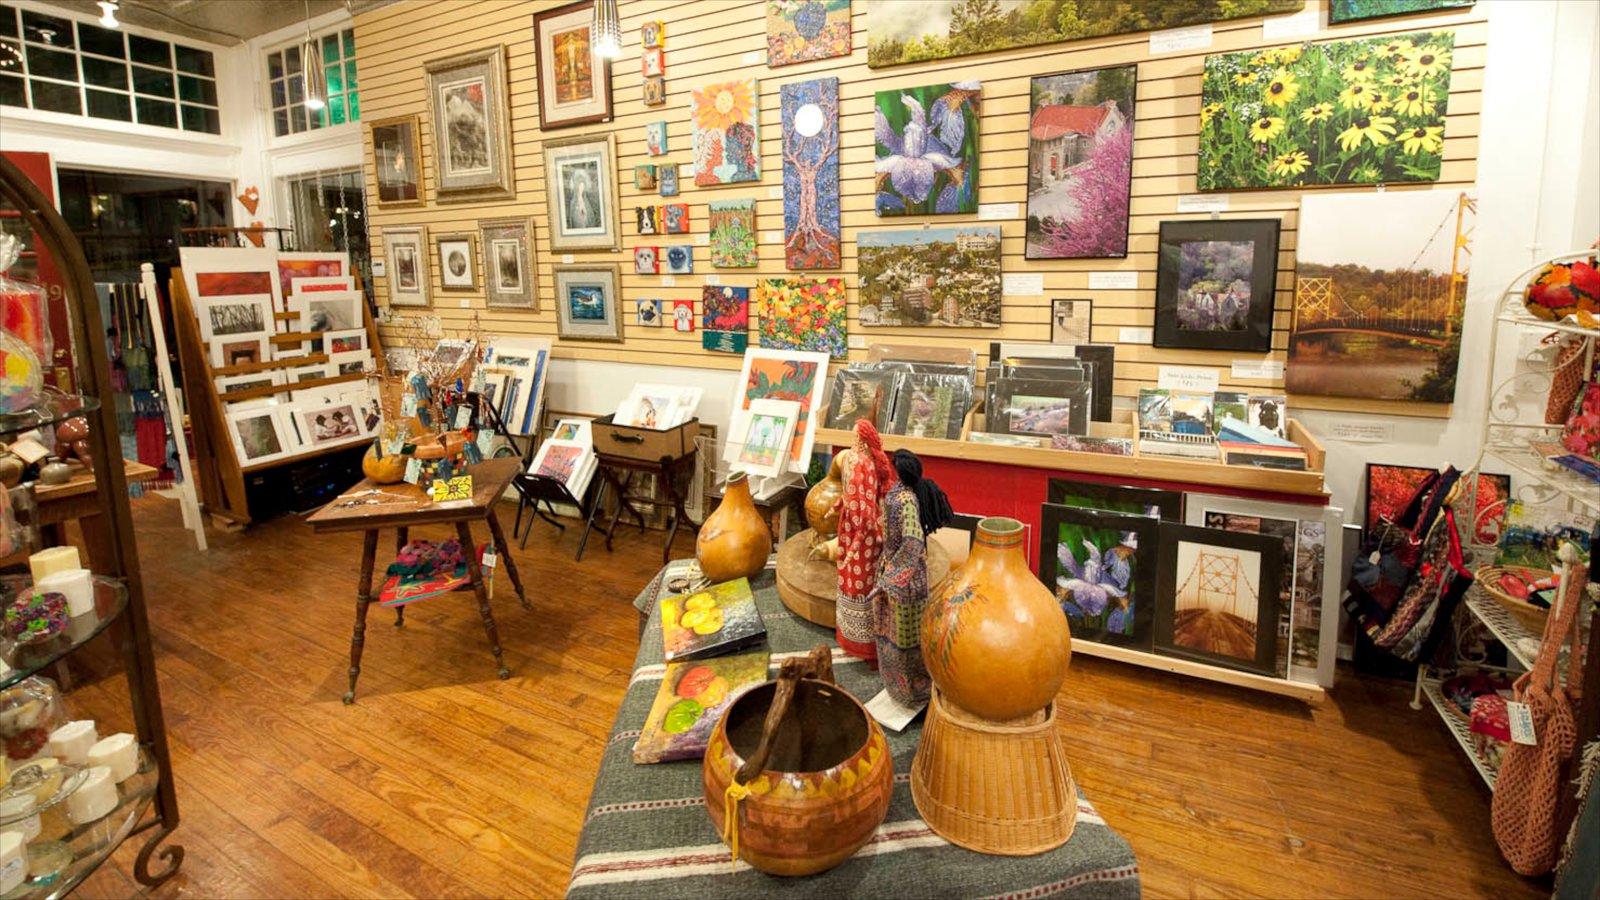 Eureka Springs mostrando vistas internas e arte